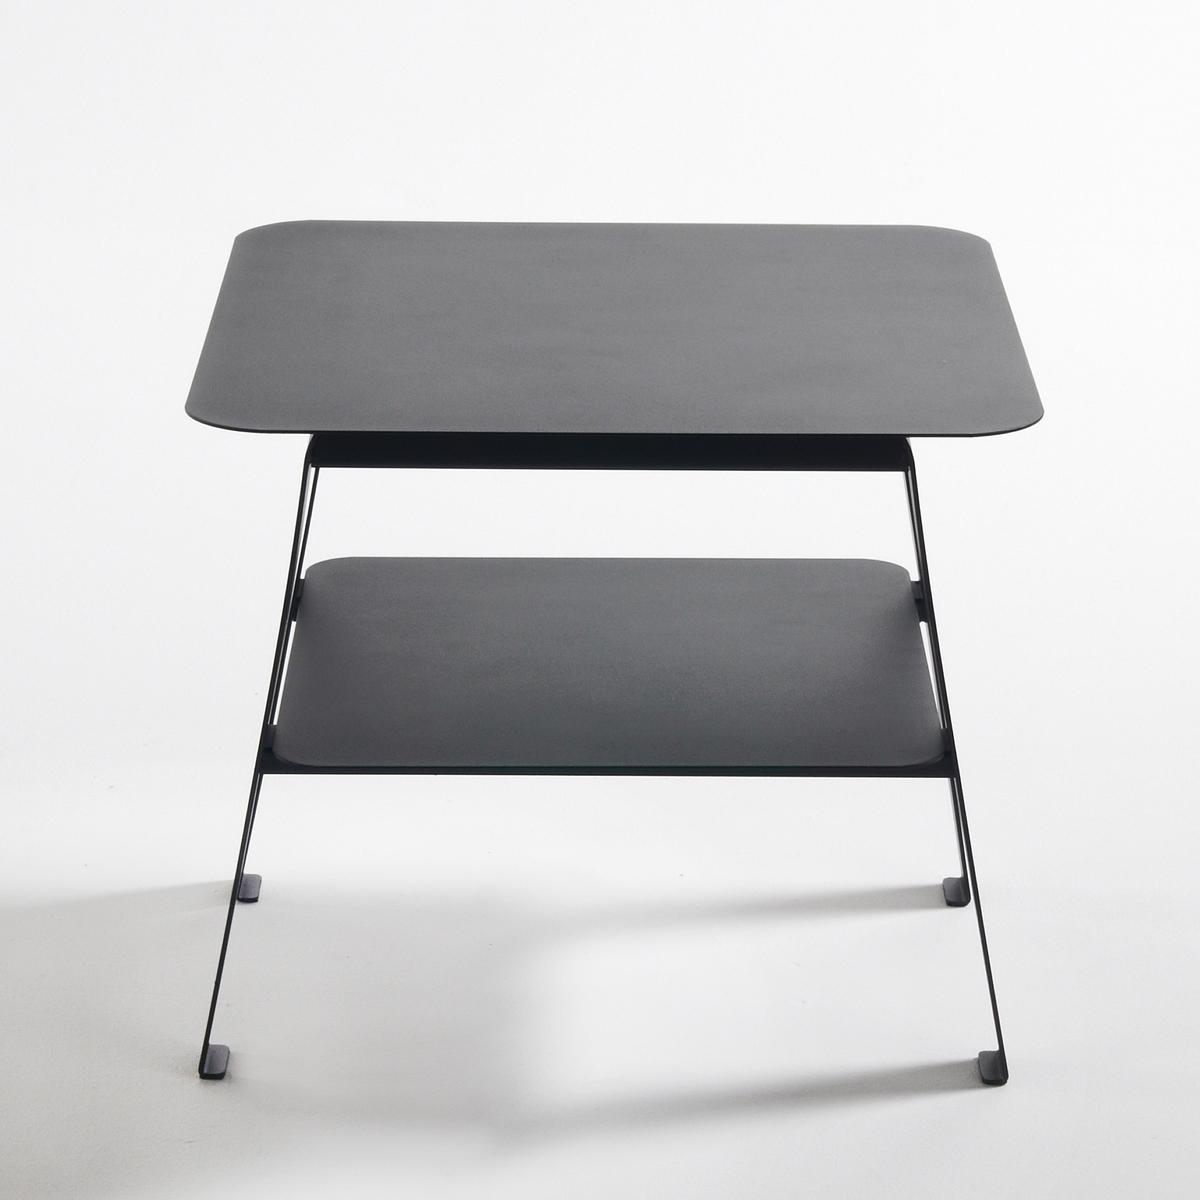 Столик диванный из стали, HibaОписание диванного столика Hiba :Две столешницы.Расположенные под небольшим углом ножки в стиле 50-х годов.Характеристики диванного столика Hiba :Матовая лакированная сталь, покрытие эпоксидной краской.Всю коллекцию Hiba вы можете найти на сайте laredoute.ruРазмеры диванного столика Hiba :Общие размерыШирина : 45 смВысота : 40 смГлубина : 45 смРазмеры и вес упаковки :1 упаковкаШ.59 x В.12,5 x Г.65,5 см9,5 кгДоставка:Доставка на этаж по предварительной записи!Внимание!Убедитесь в том, что размеры дверей, лестниц,лифтов позволяют доставить товар в упаковке до квартиры.<br><br>Цвет: черный